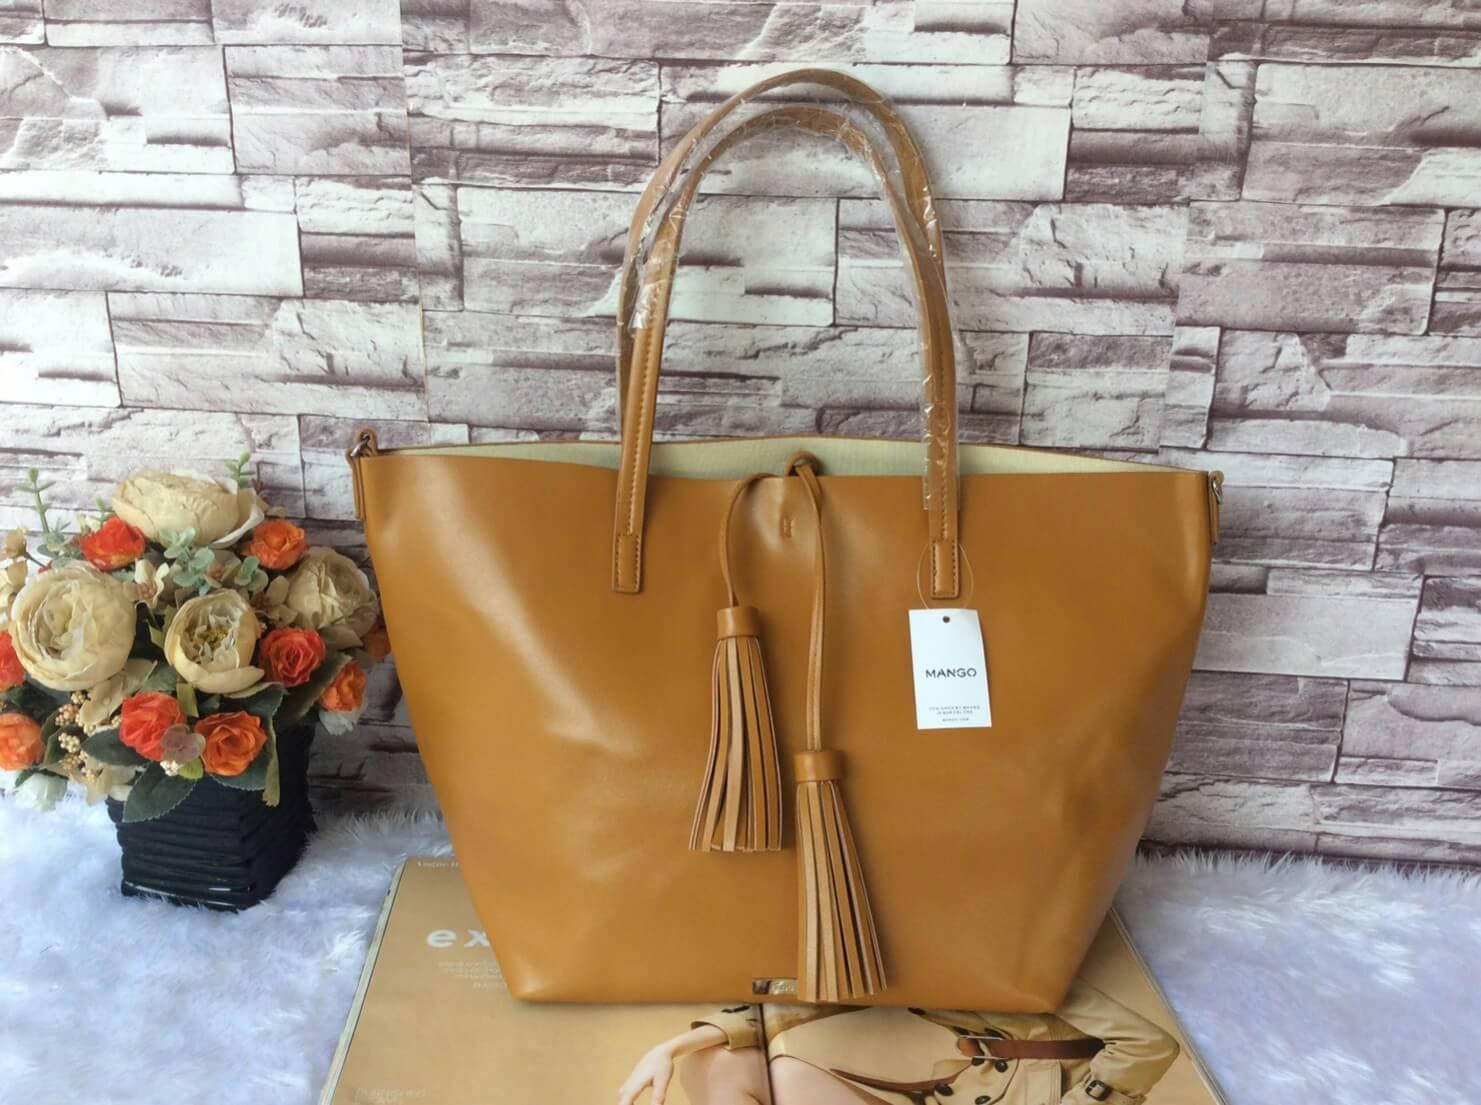 กระเป๋า MNG Shopper bag สีน้ำตาล กระเป๋าหนัง เชือกหนังผูกห้วยด้วยพู่เก๋ๆ!! จัดทรงได้ 2 แบบ